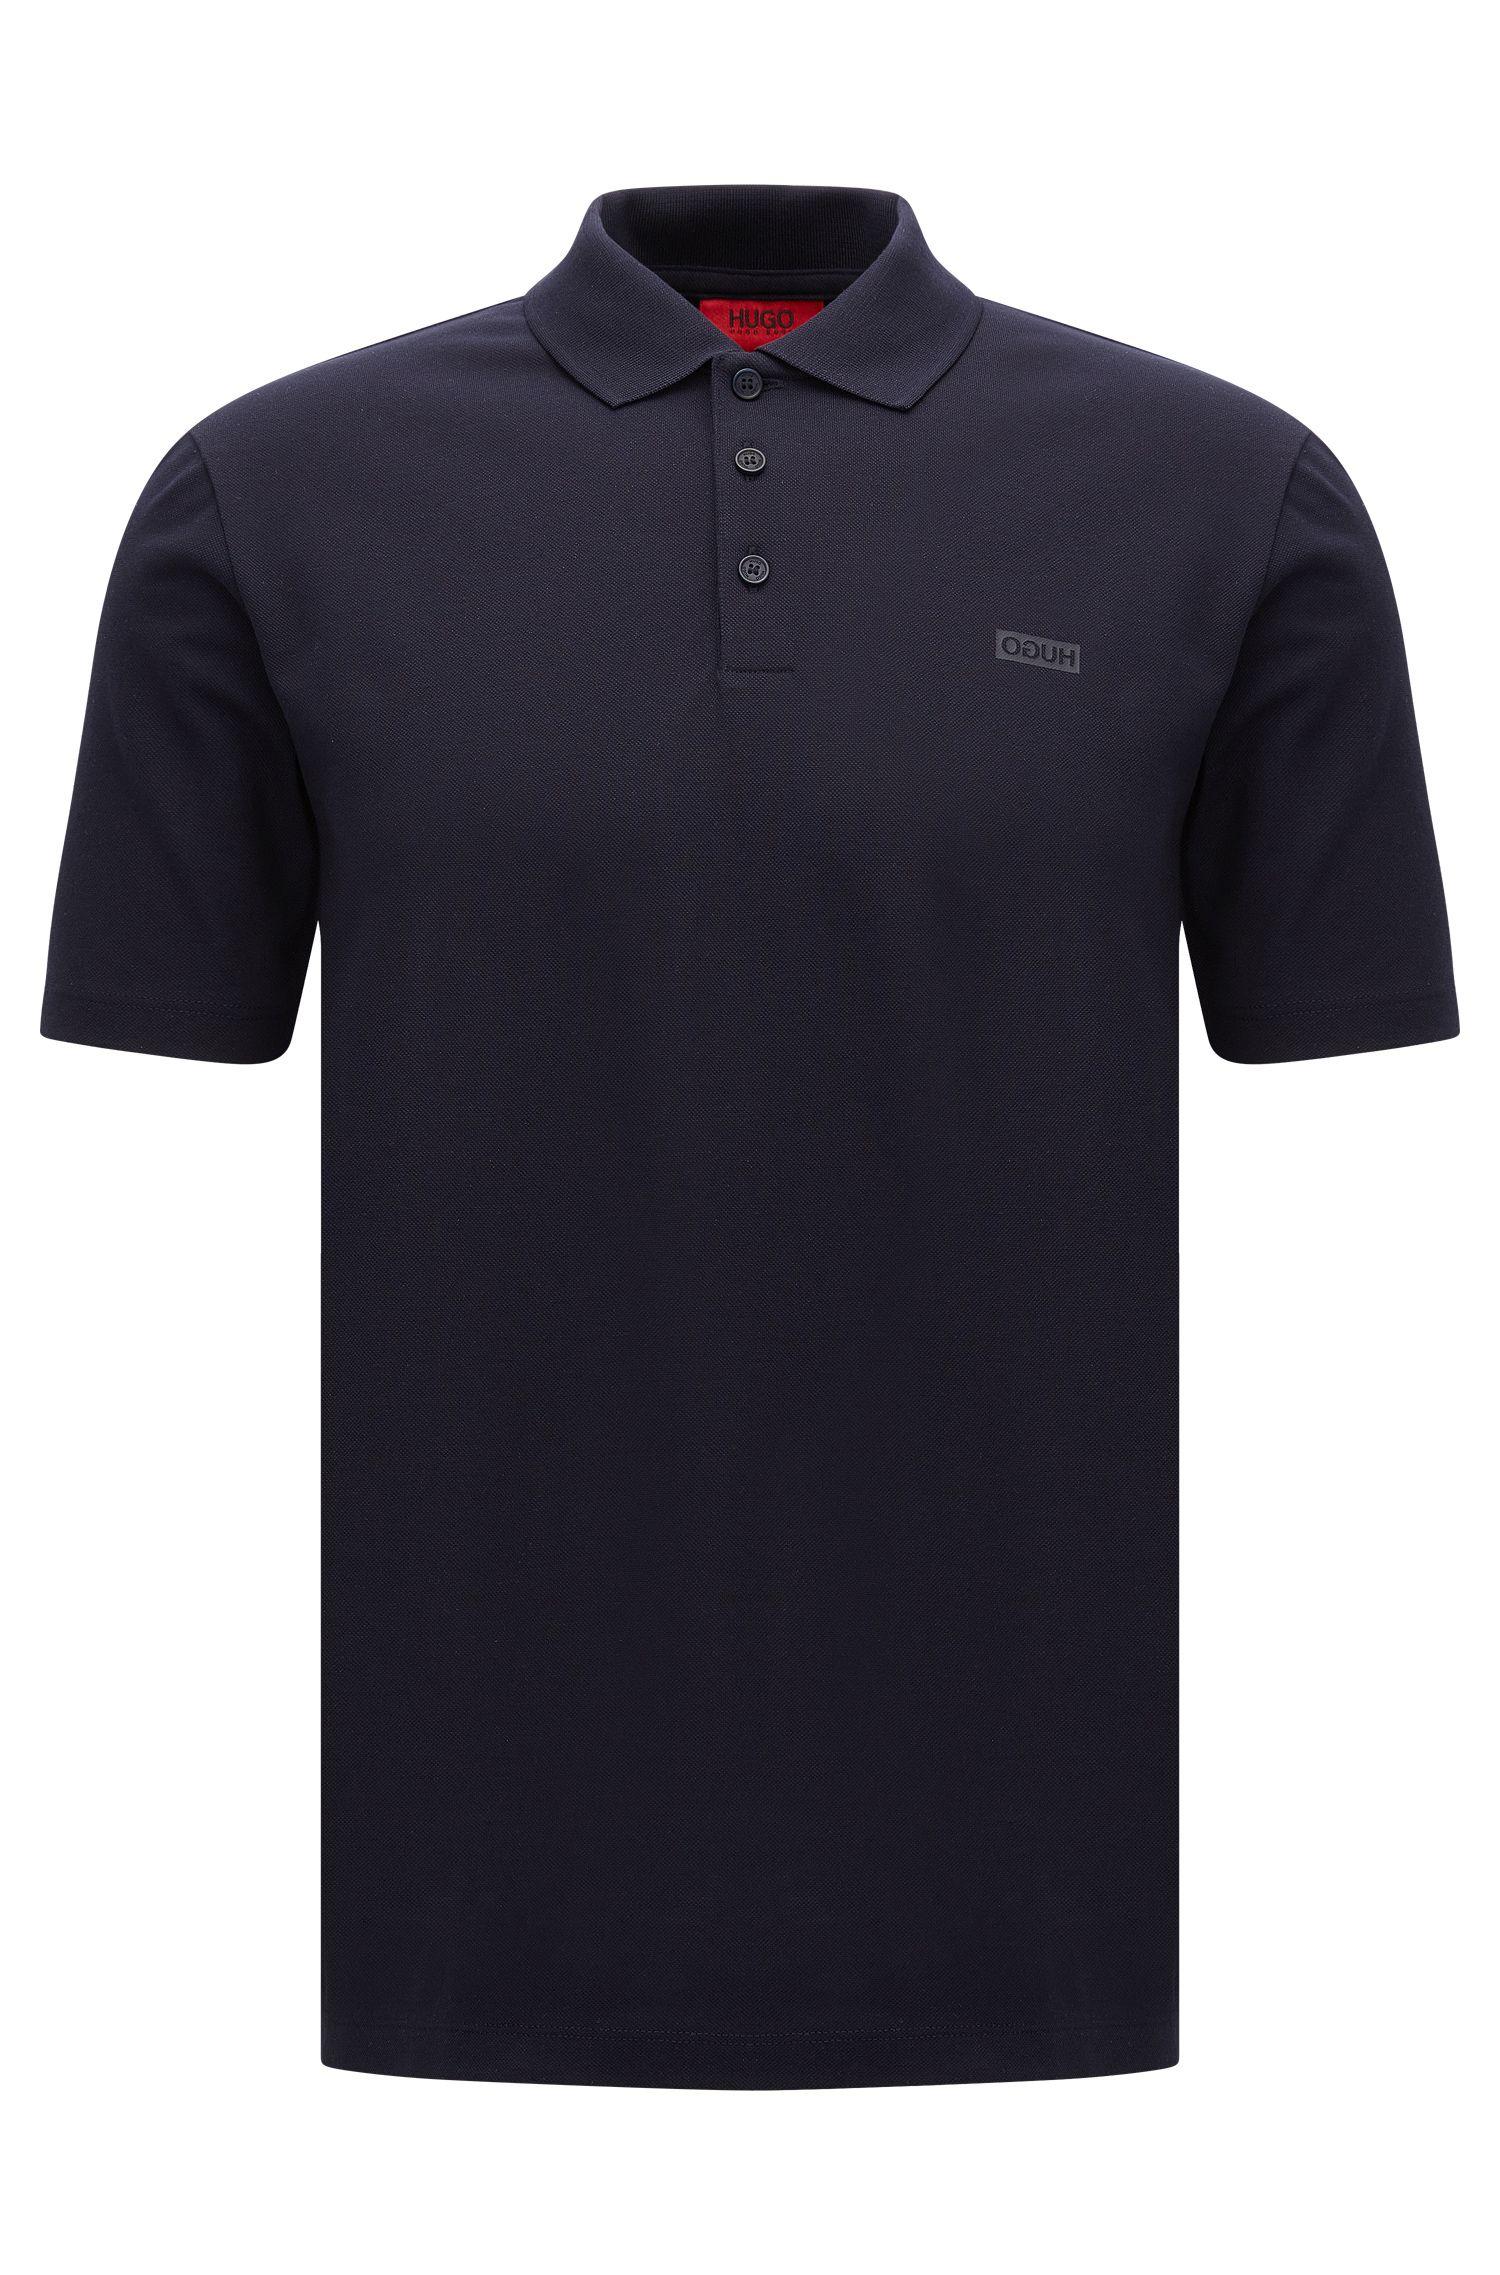 Piqué cotton polo shirt with reverse logo